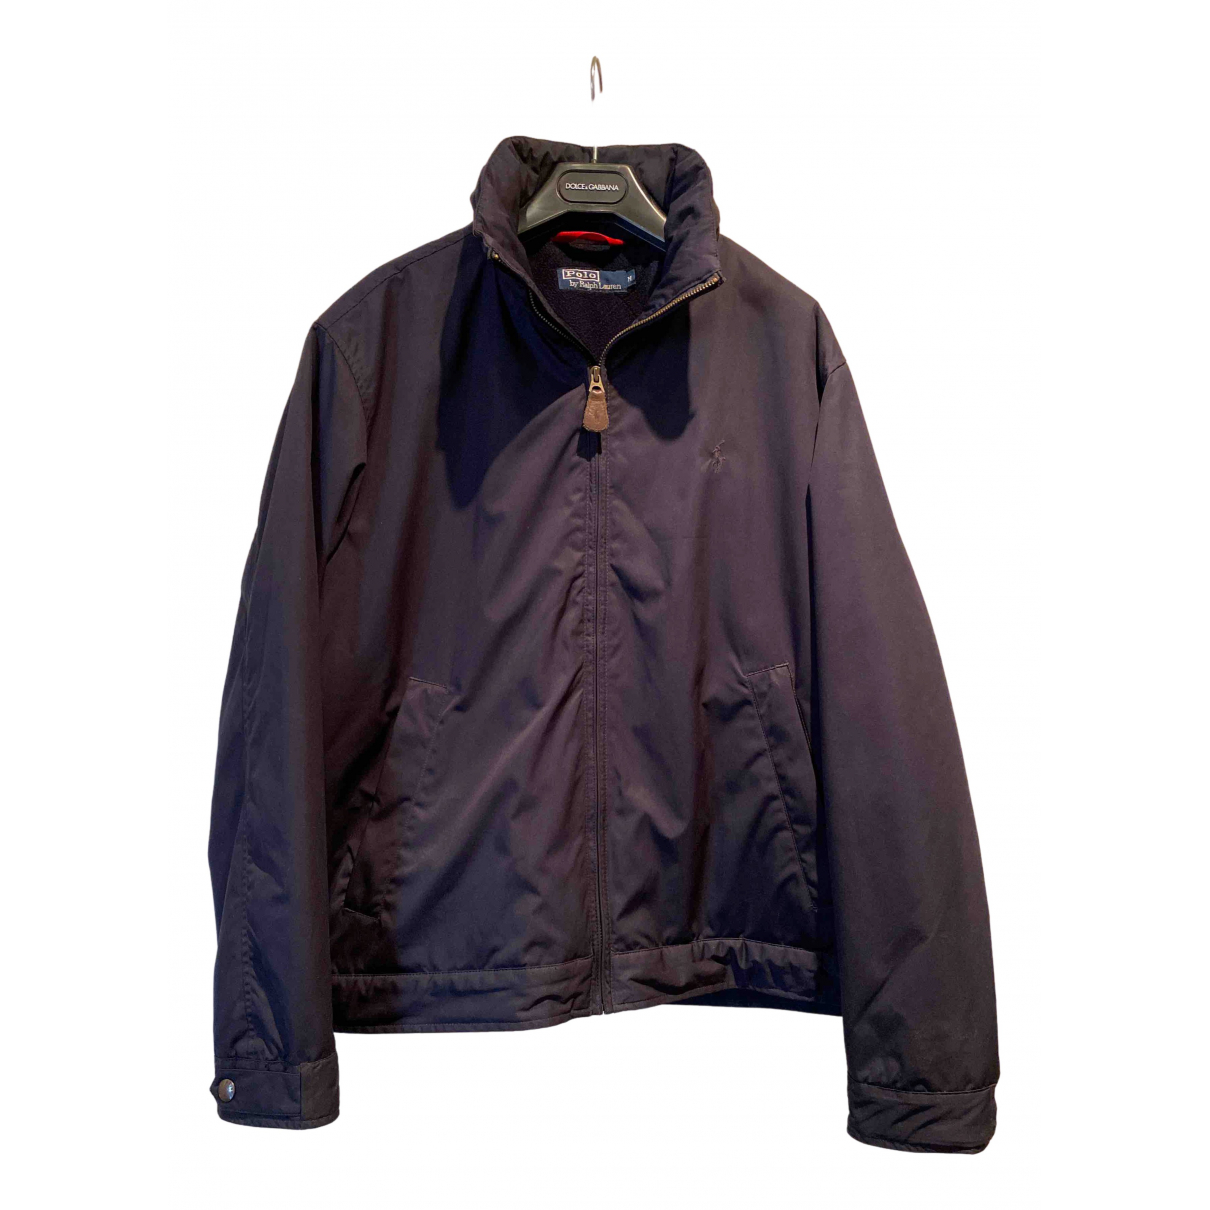 Polo Ralph Lauren \N Blue jacket  for Men M International